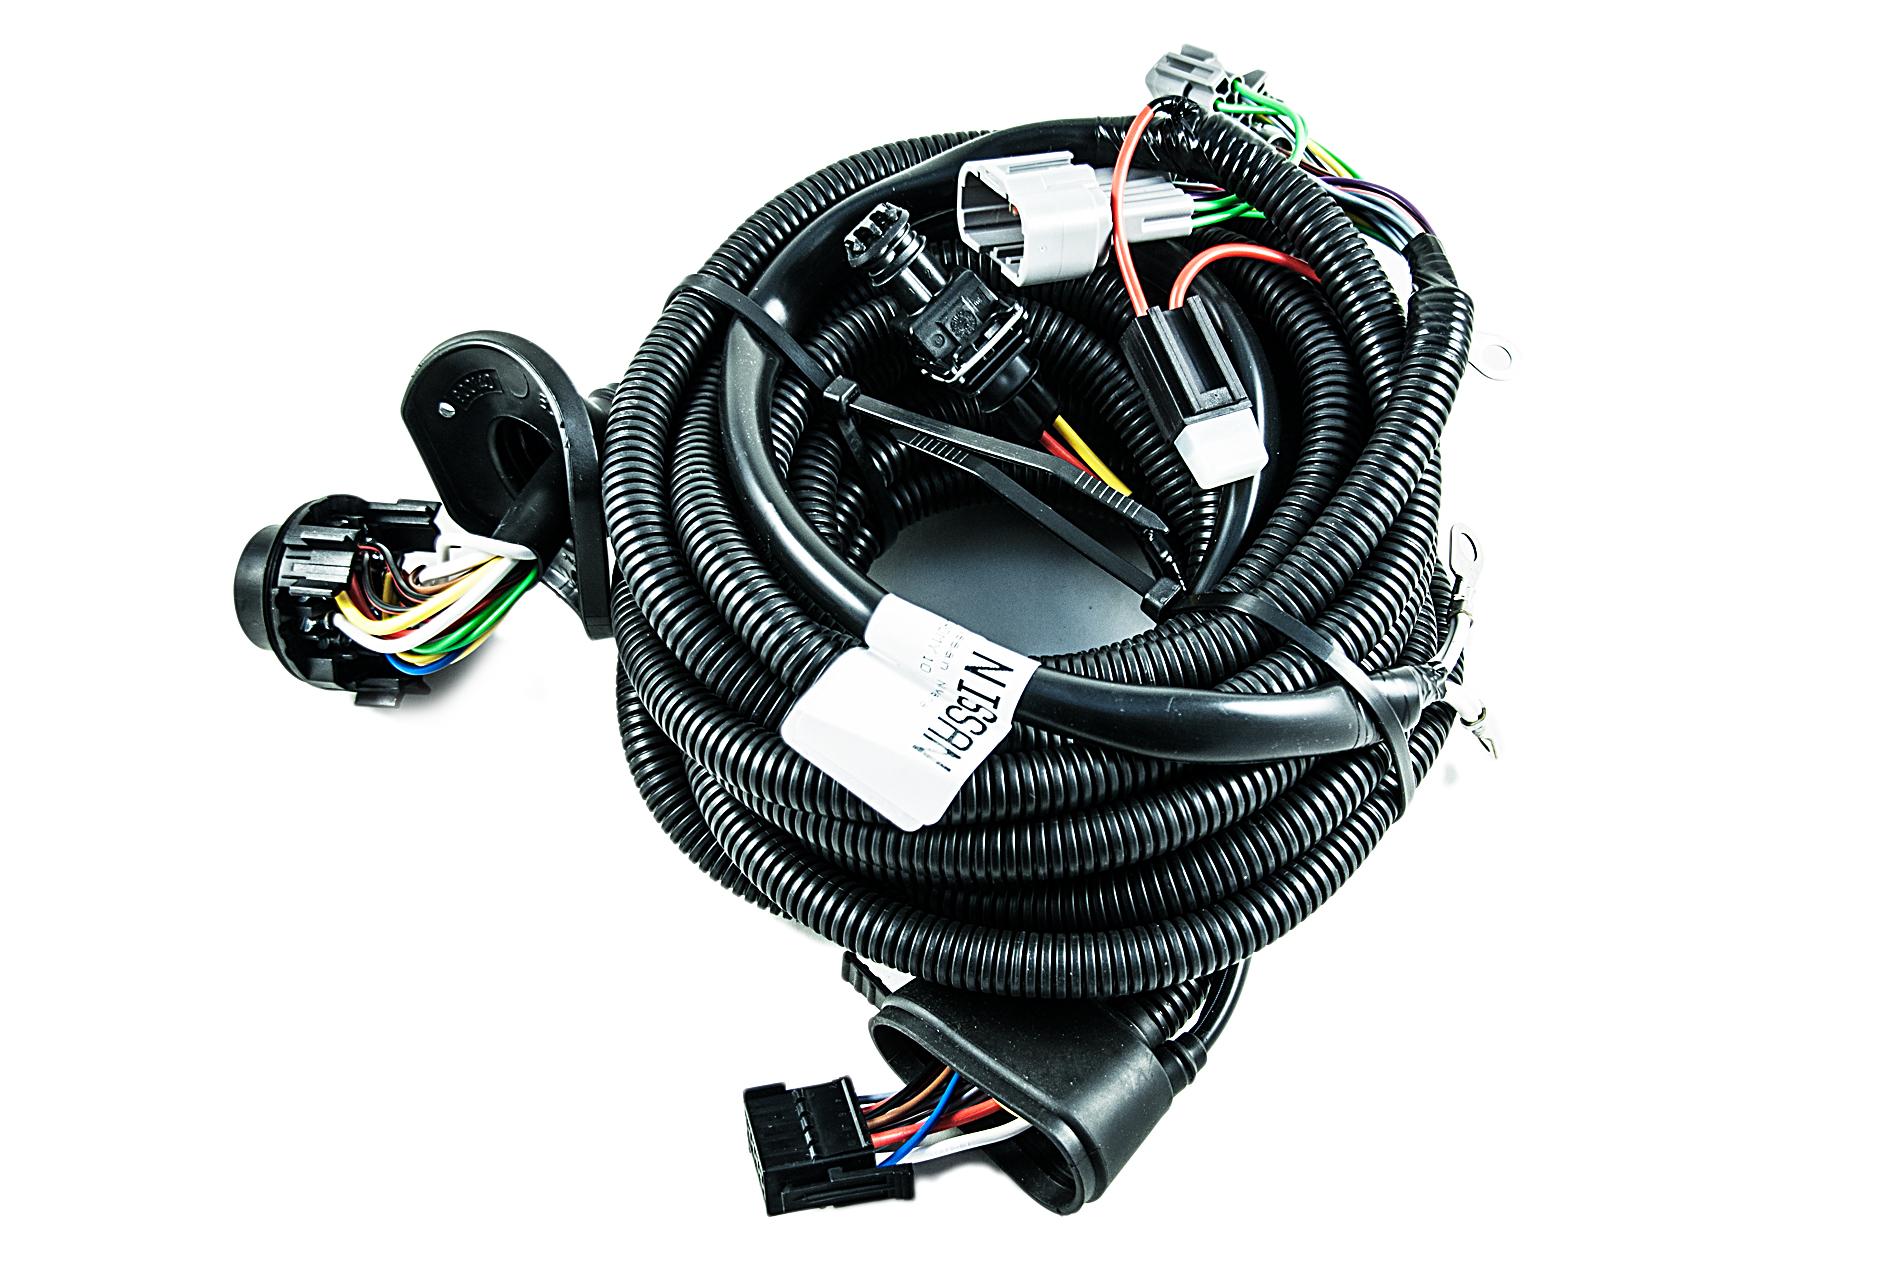 nissan patrol y60 wiring diagram download - gifslandia com